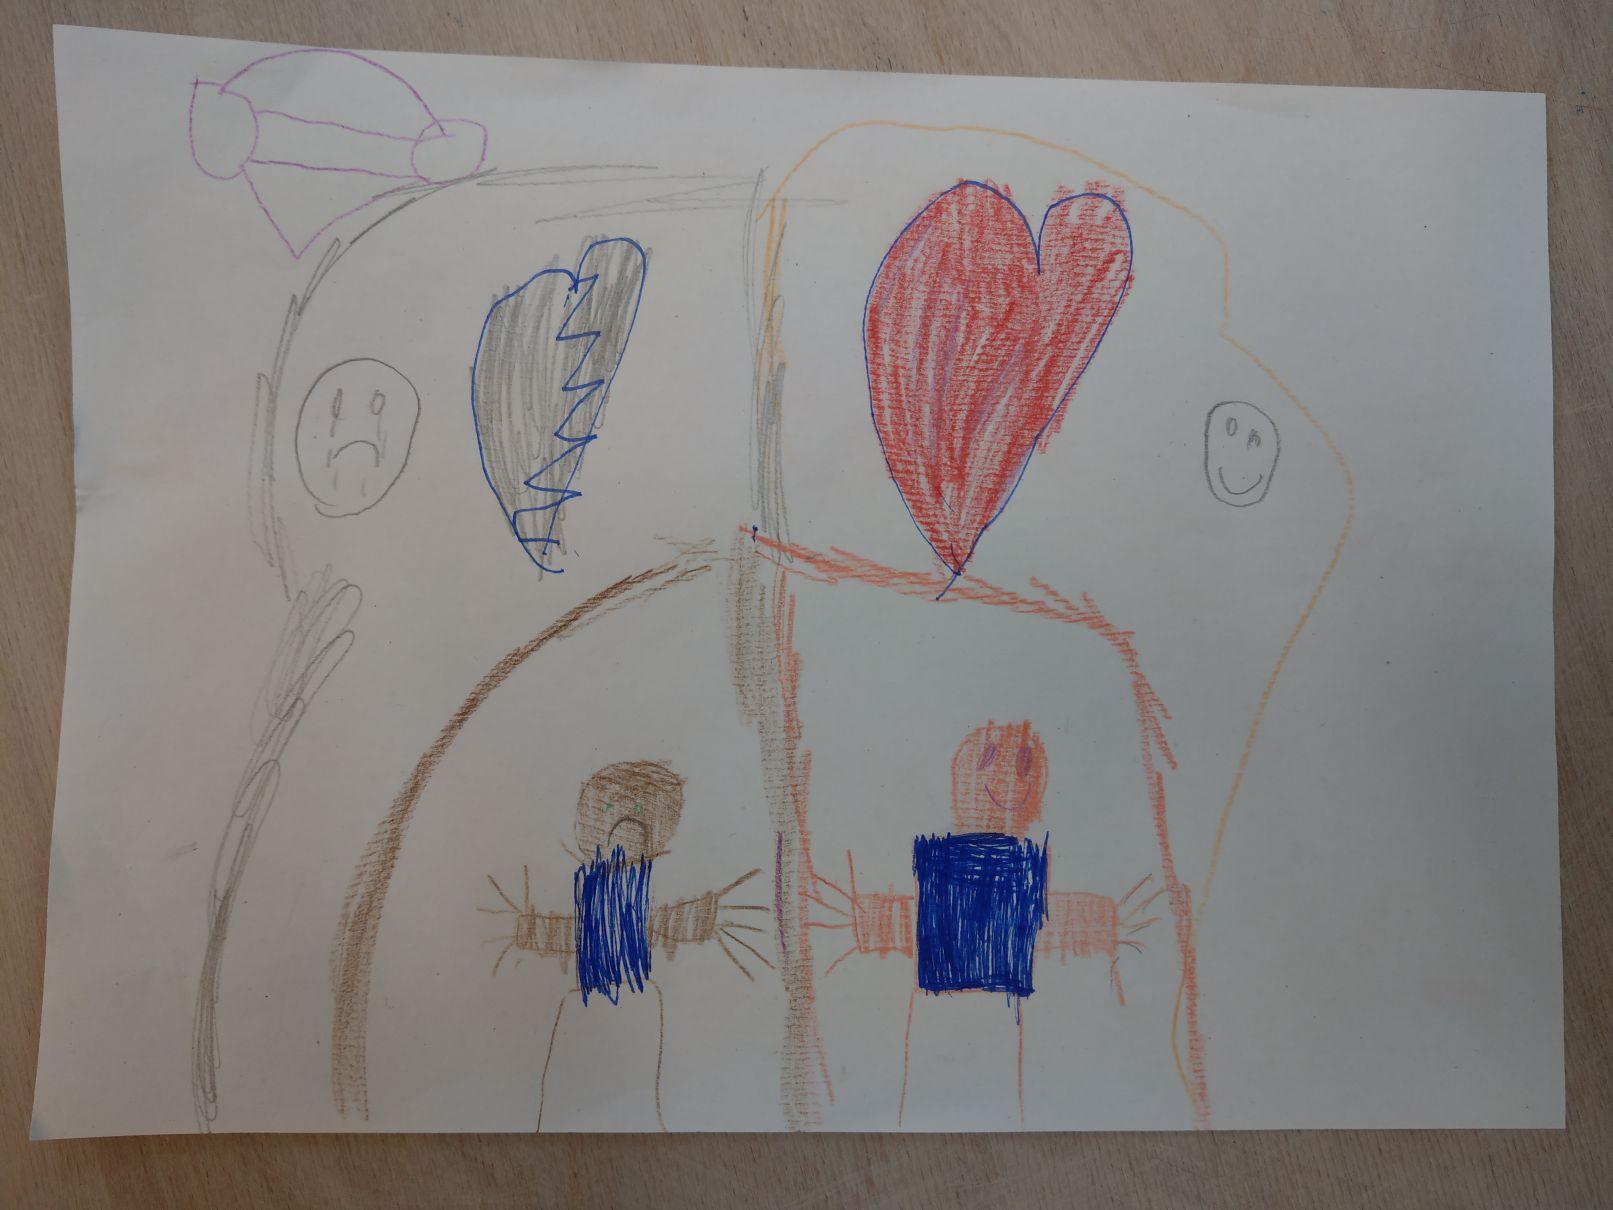 Eine Kinderzeichnung von zwei Menschen in einem Haus. Links über dem Haus ist ein trauriger Smiley und ein zerbrochenes, graues Herz. Rechts oben ist ein glücklicher Smiley und ein rotes Herz gemalt